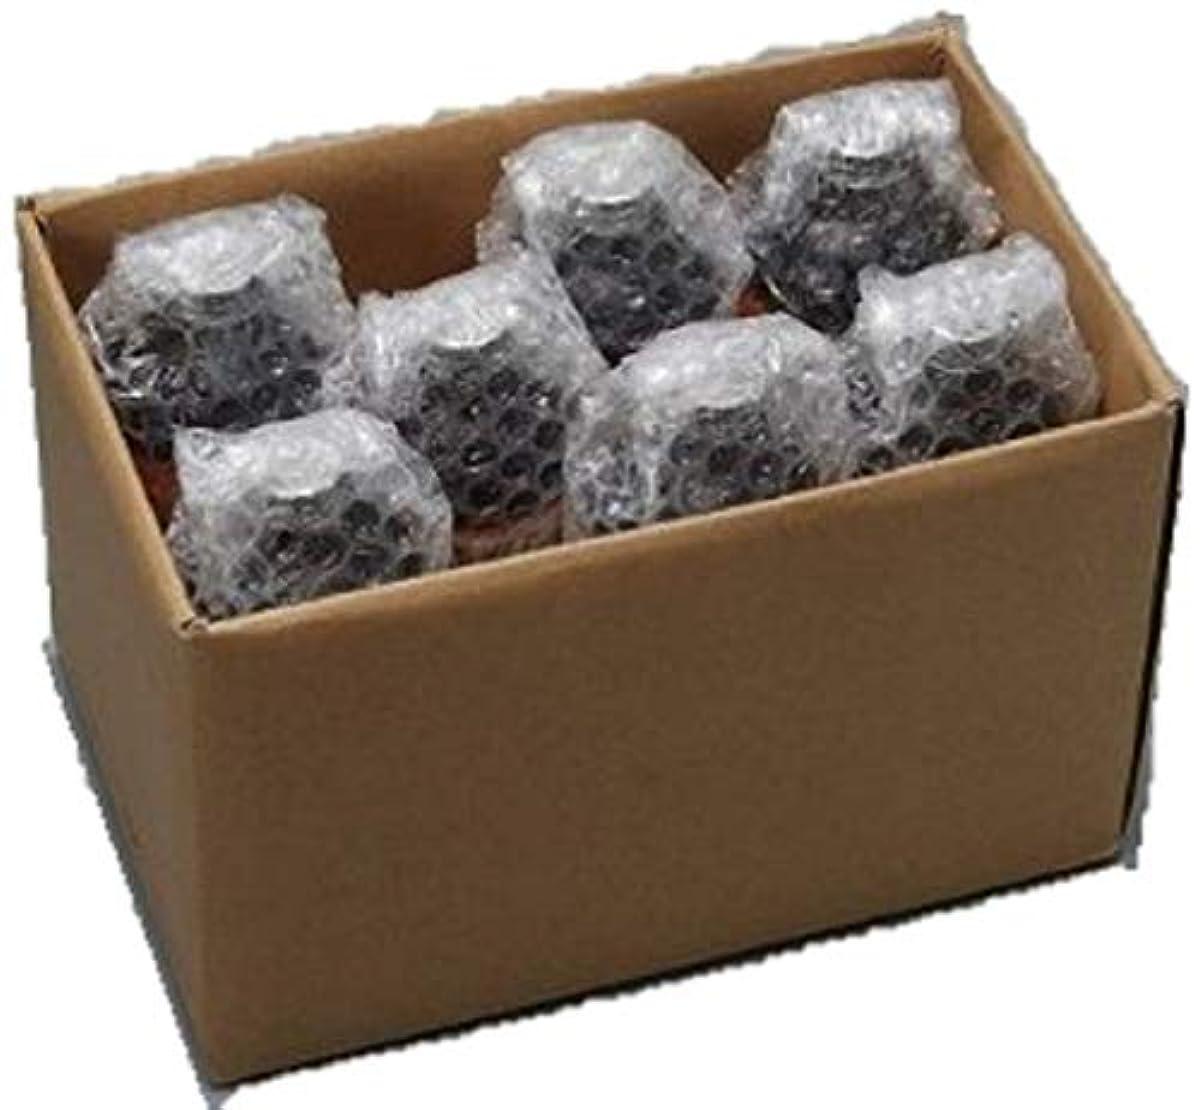 課す液化する茎クール冷蔵便/7本セット/「亜麻仁油(フローラ社製)」(必須脂肪酸オメガ-3の補給源)